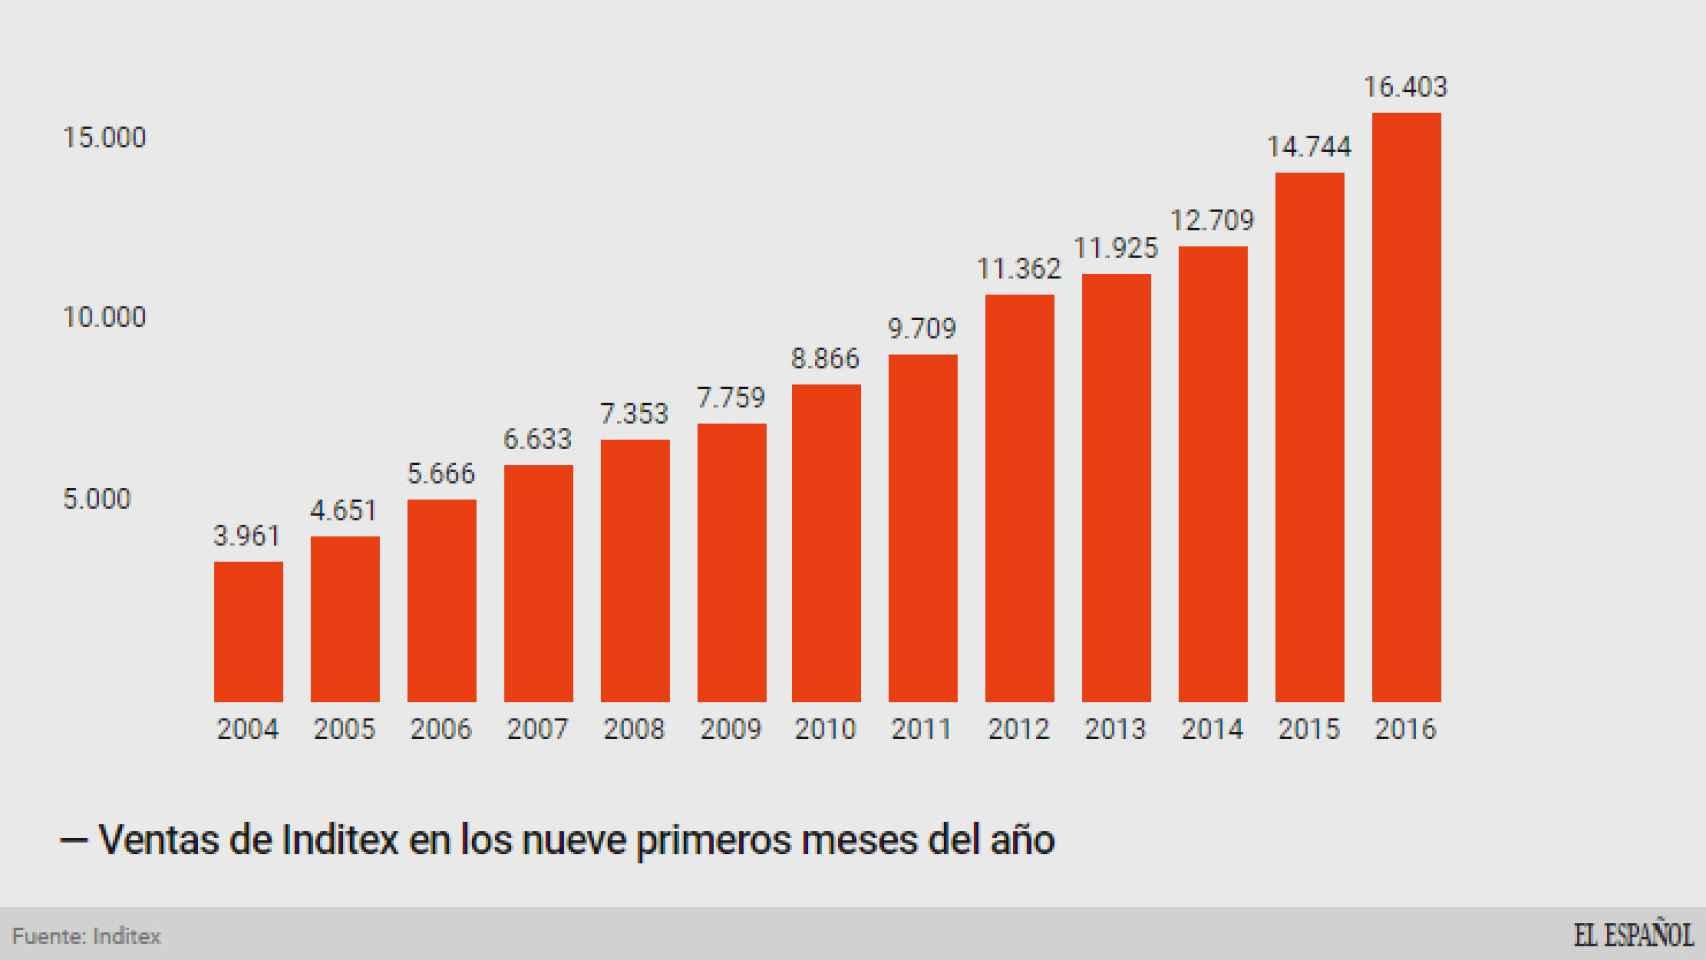 Ventas de Inditex en los primeros nueve meses.